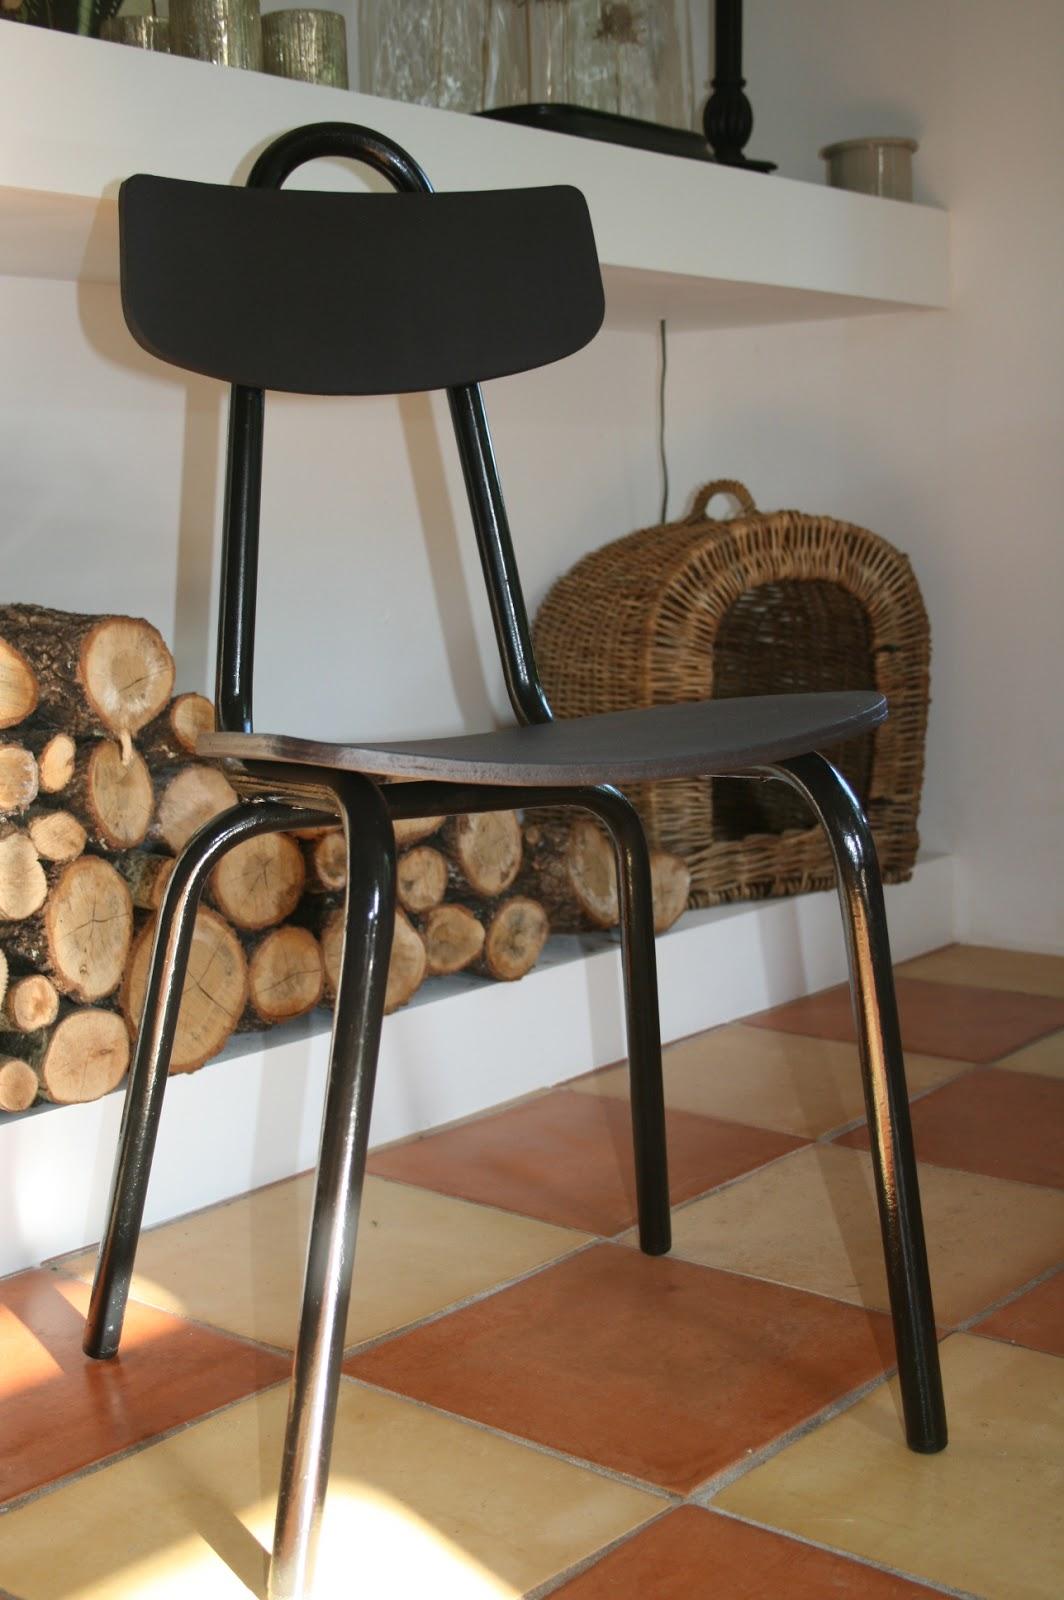 c 39 est la re cr ation vintage scolaire vintage coup de c ur 1 chaise j hitier milieu xx. Black Bedroom Furniture Sets. Home Design Ideas